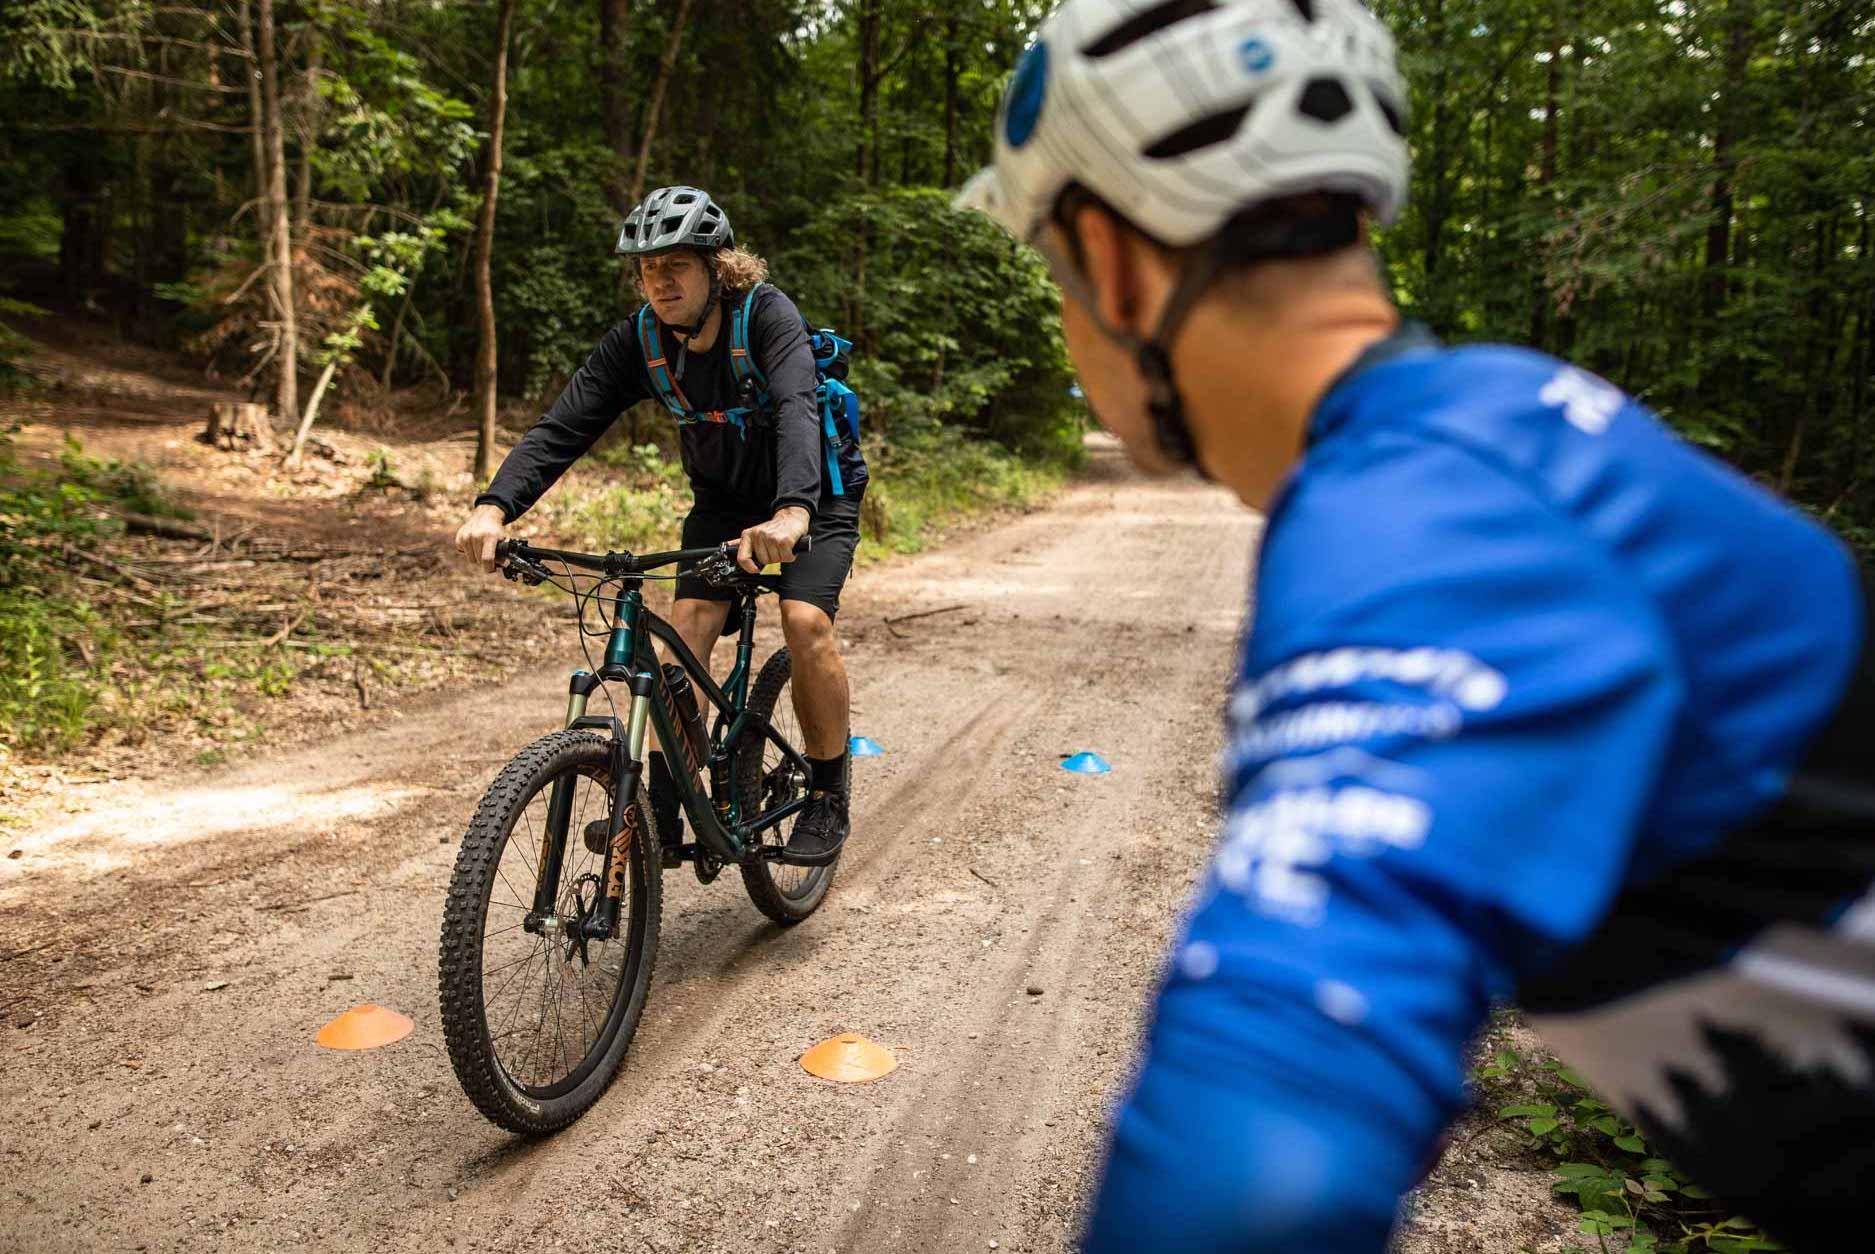 MTB Fahrtechnik Kurs für Einsteiger in Witten - Ruhrgebiet - Mountainbike Basic Ruhrgebit Trail Anfänger - Rock my Trail Bikeschule GmbH